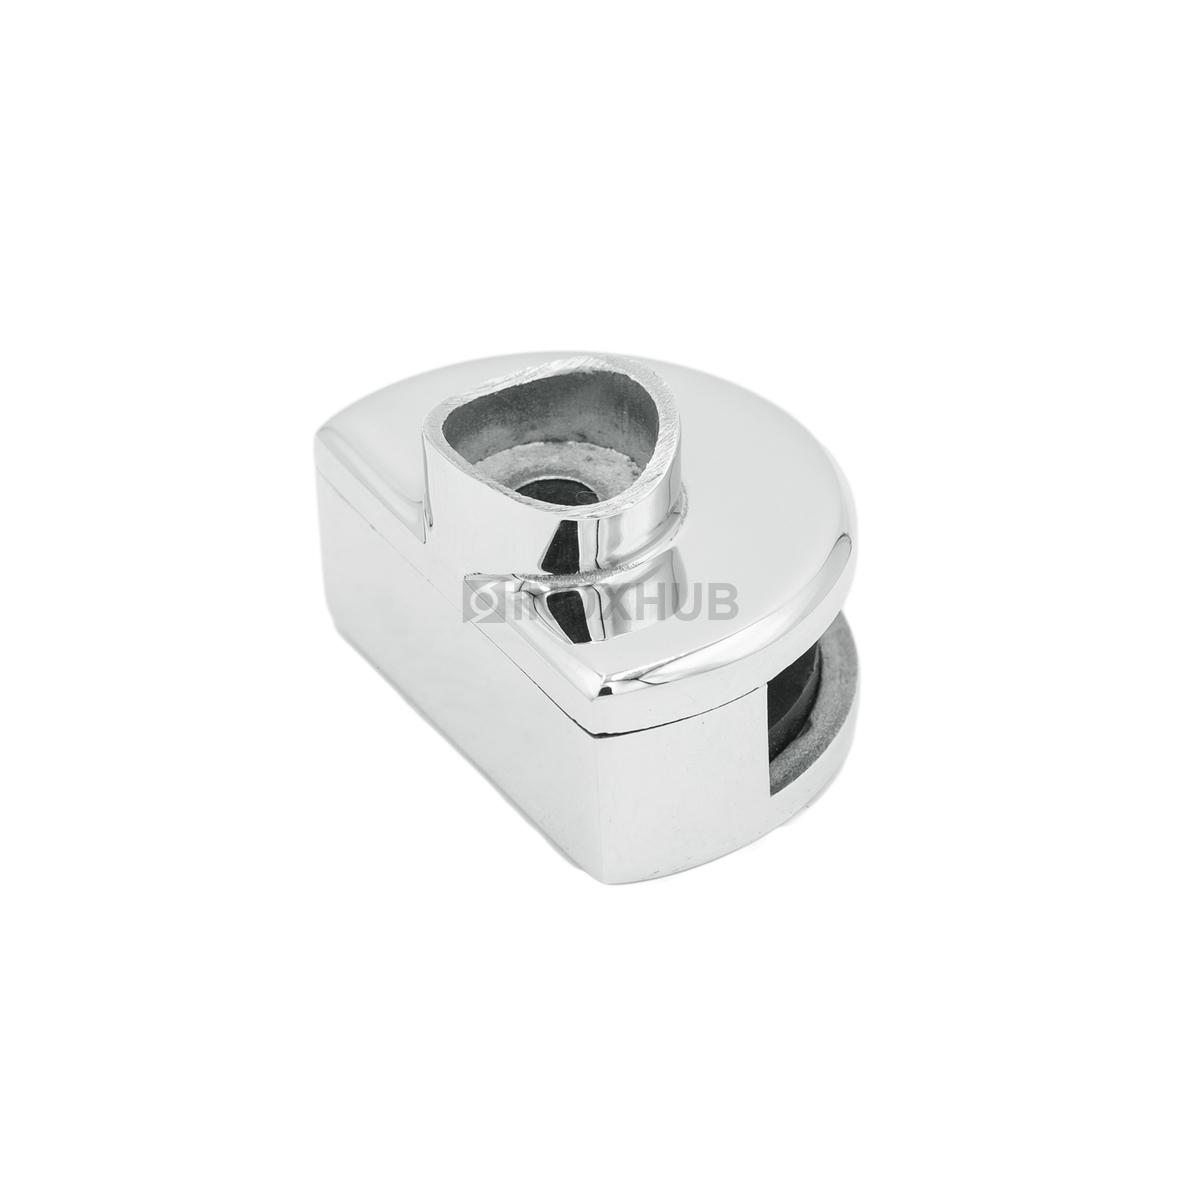 Стеклодержатель одинарный зажимной Ø38.1х60.0 мм, стекло 8.0 мм, AISI 304, GRIT 600